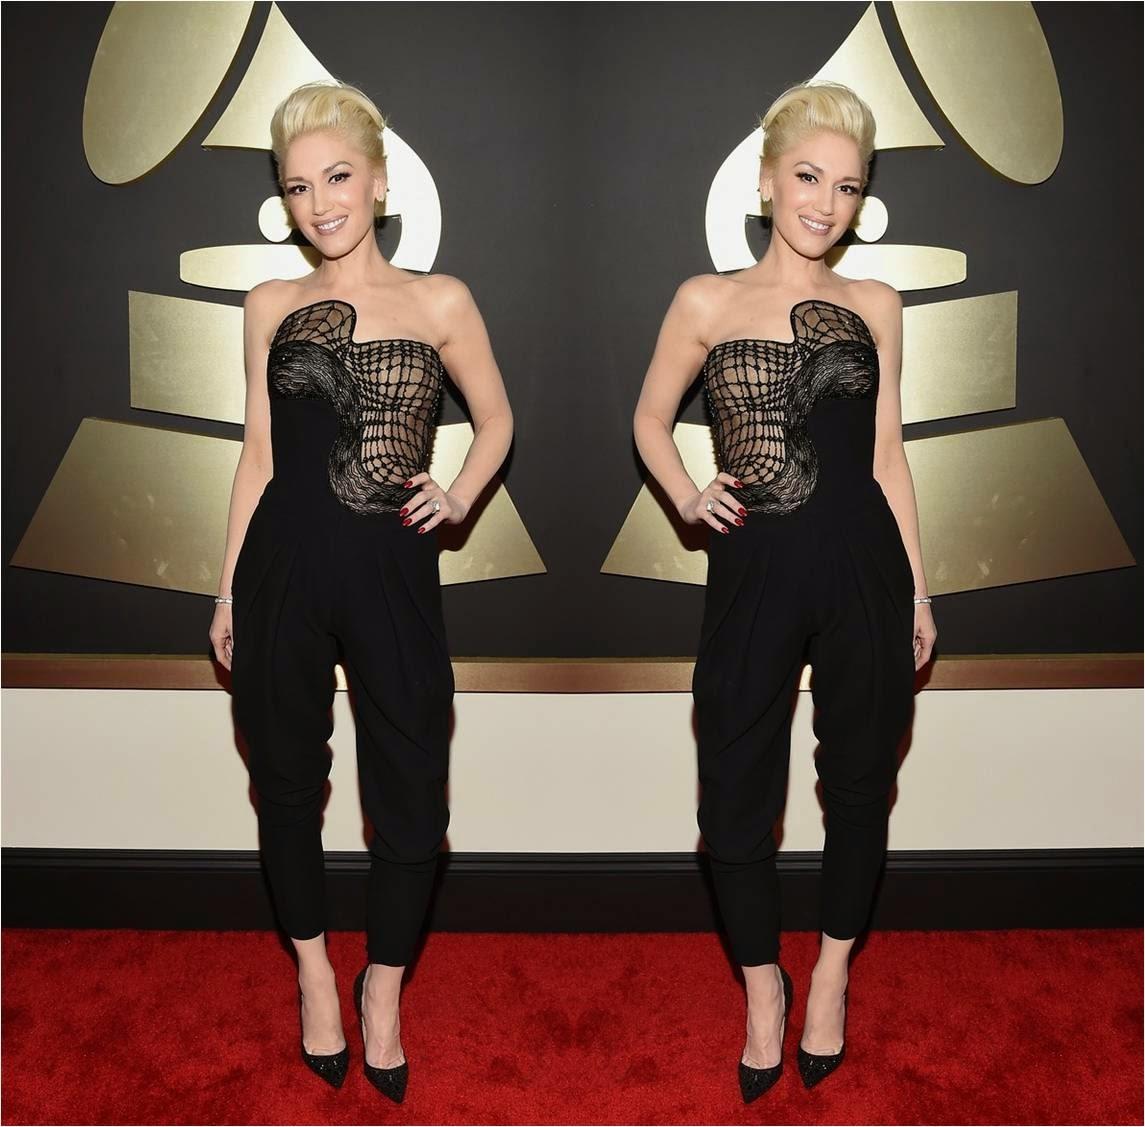 The Grammys